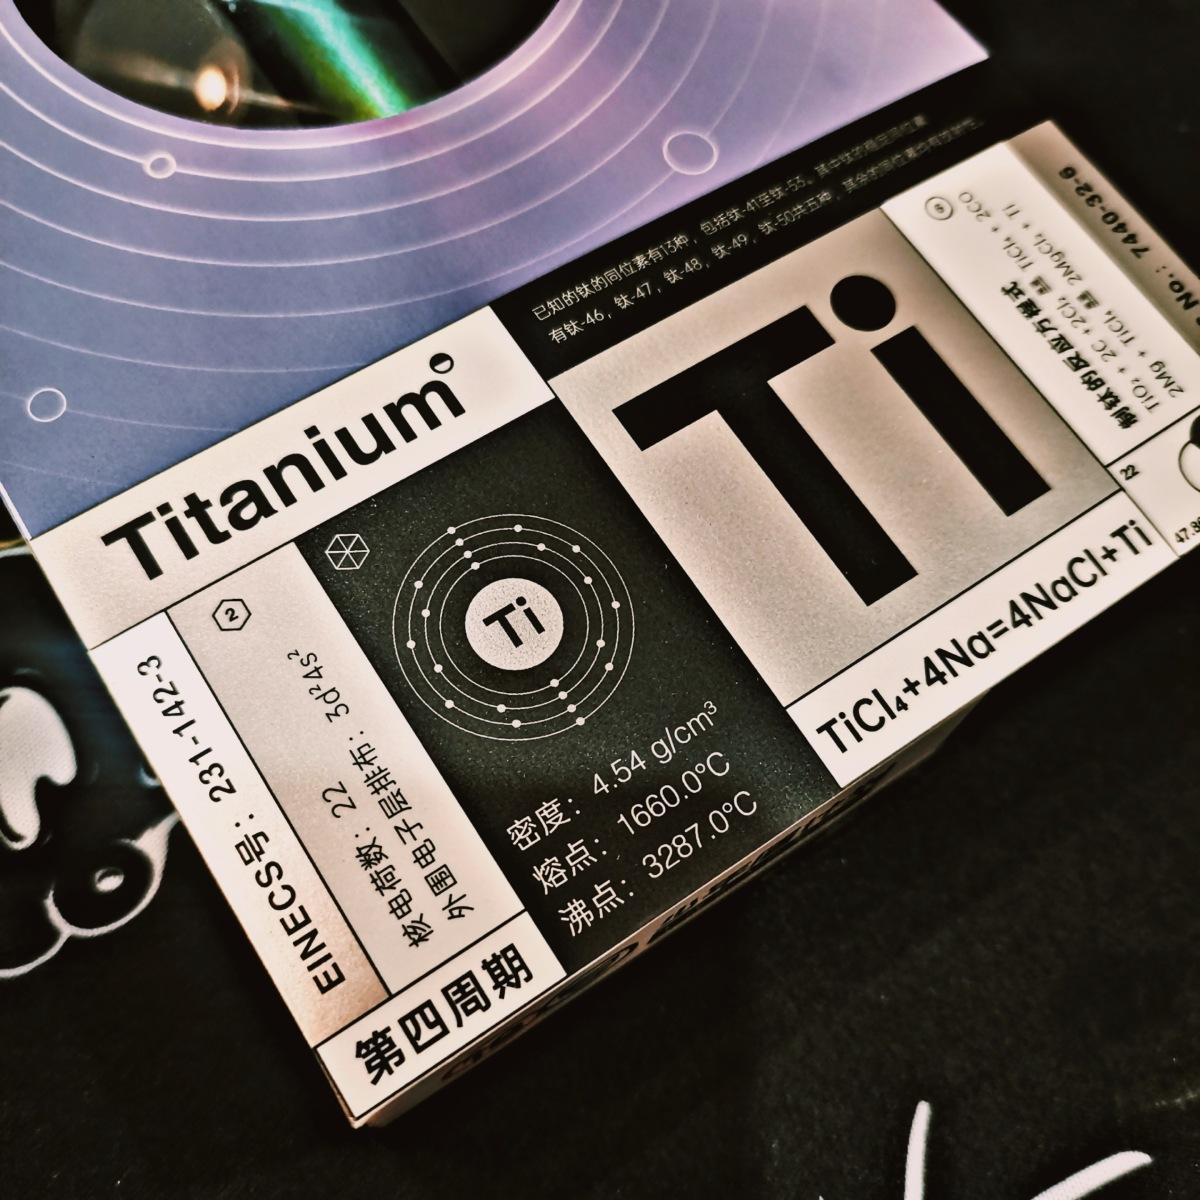 MOTI·C Titanium review